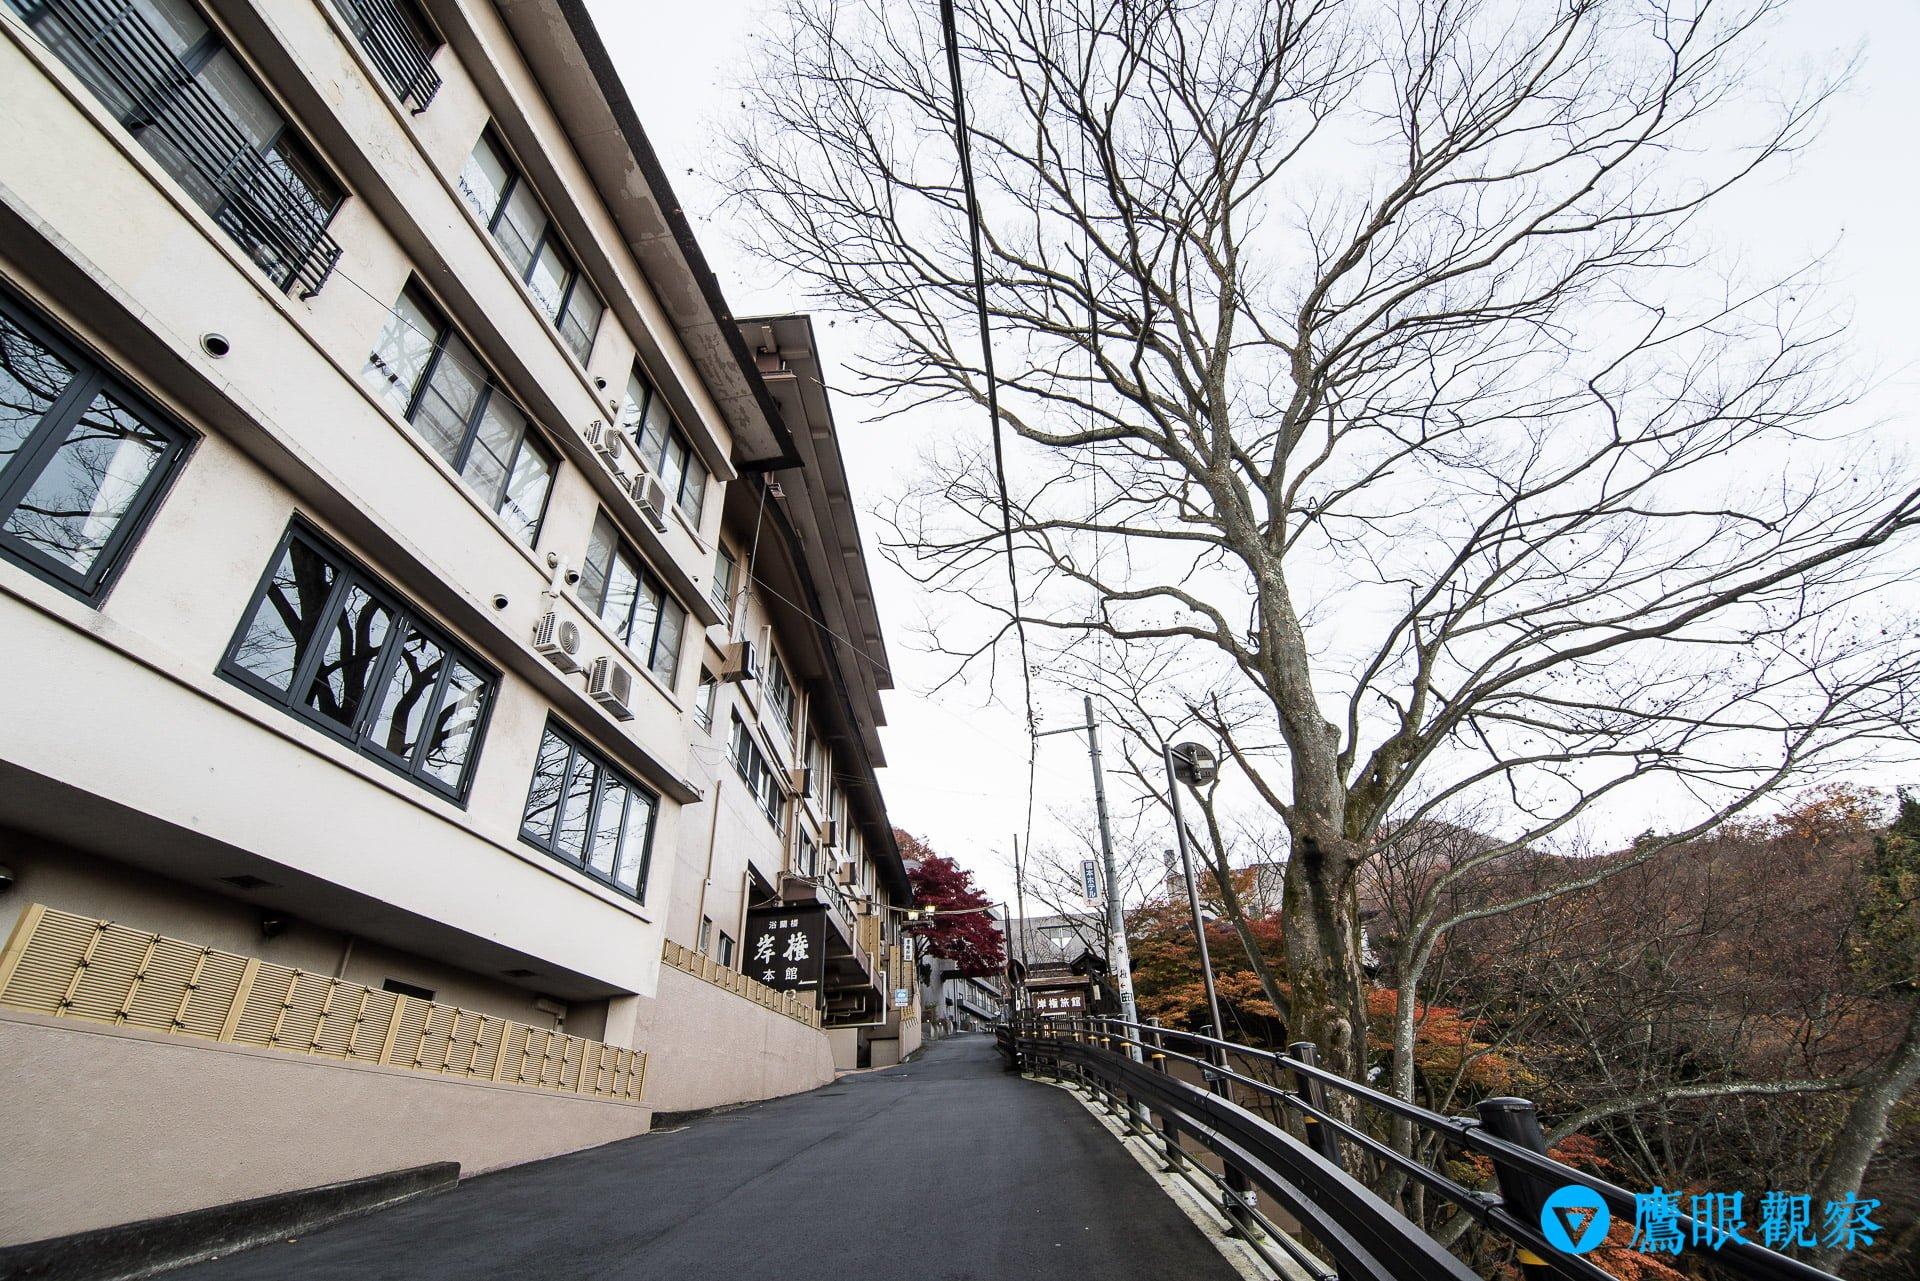 travel Japan gunma kishigon ryokan hotel in izumo spa hot spring 49 群馬縣伊香保溫泉「岸權旅館」日本旅館住宿推薦